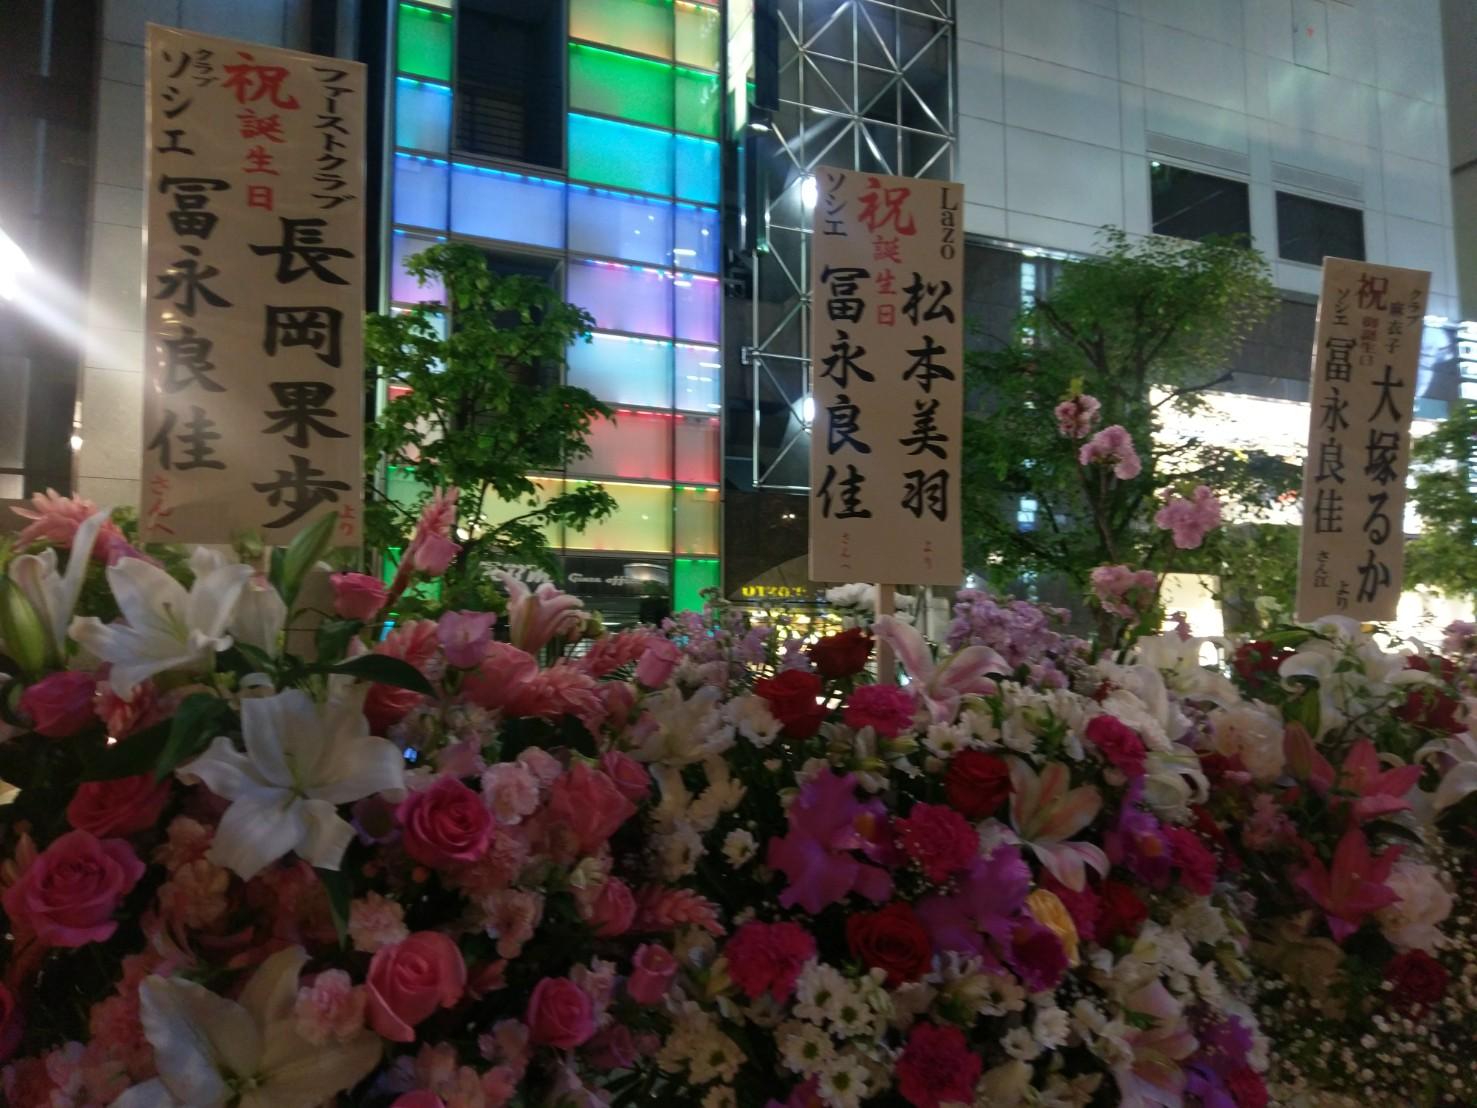 銀座8丁目の高級クラブ「ソシエ」の冨永良佳さん、お誕生日おめでとうございます!